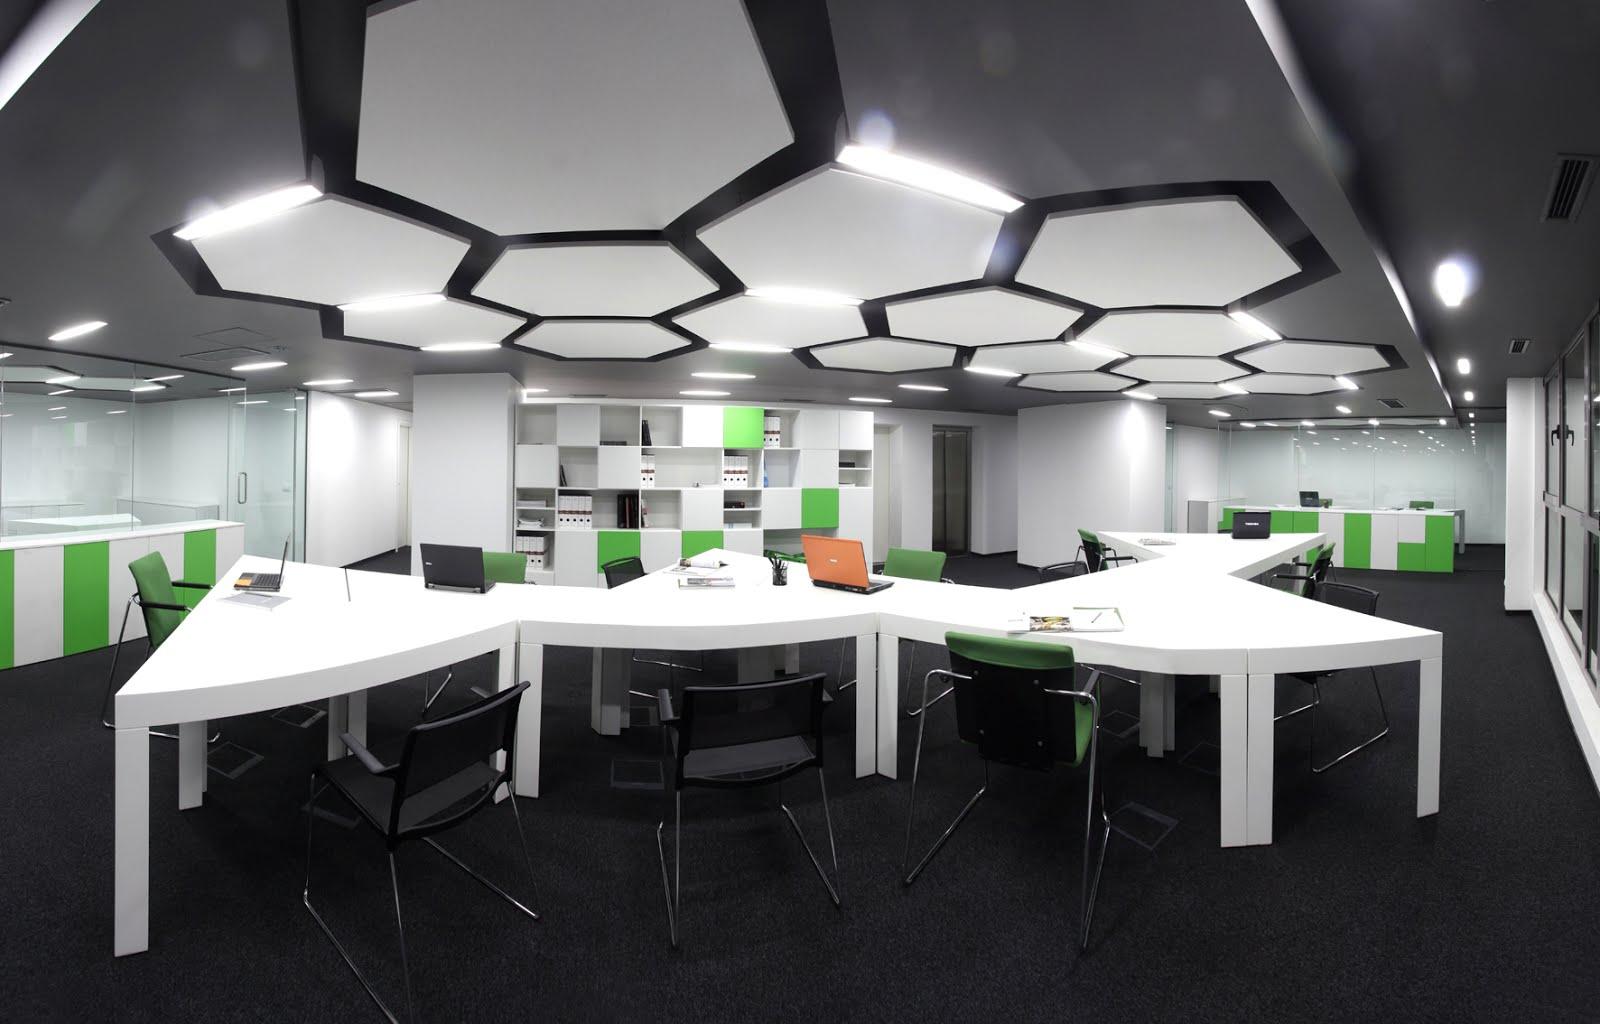 Arredo e design arredamento design acustica for Arredo e design